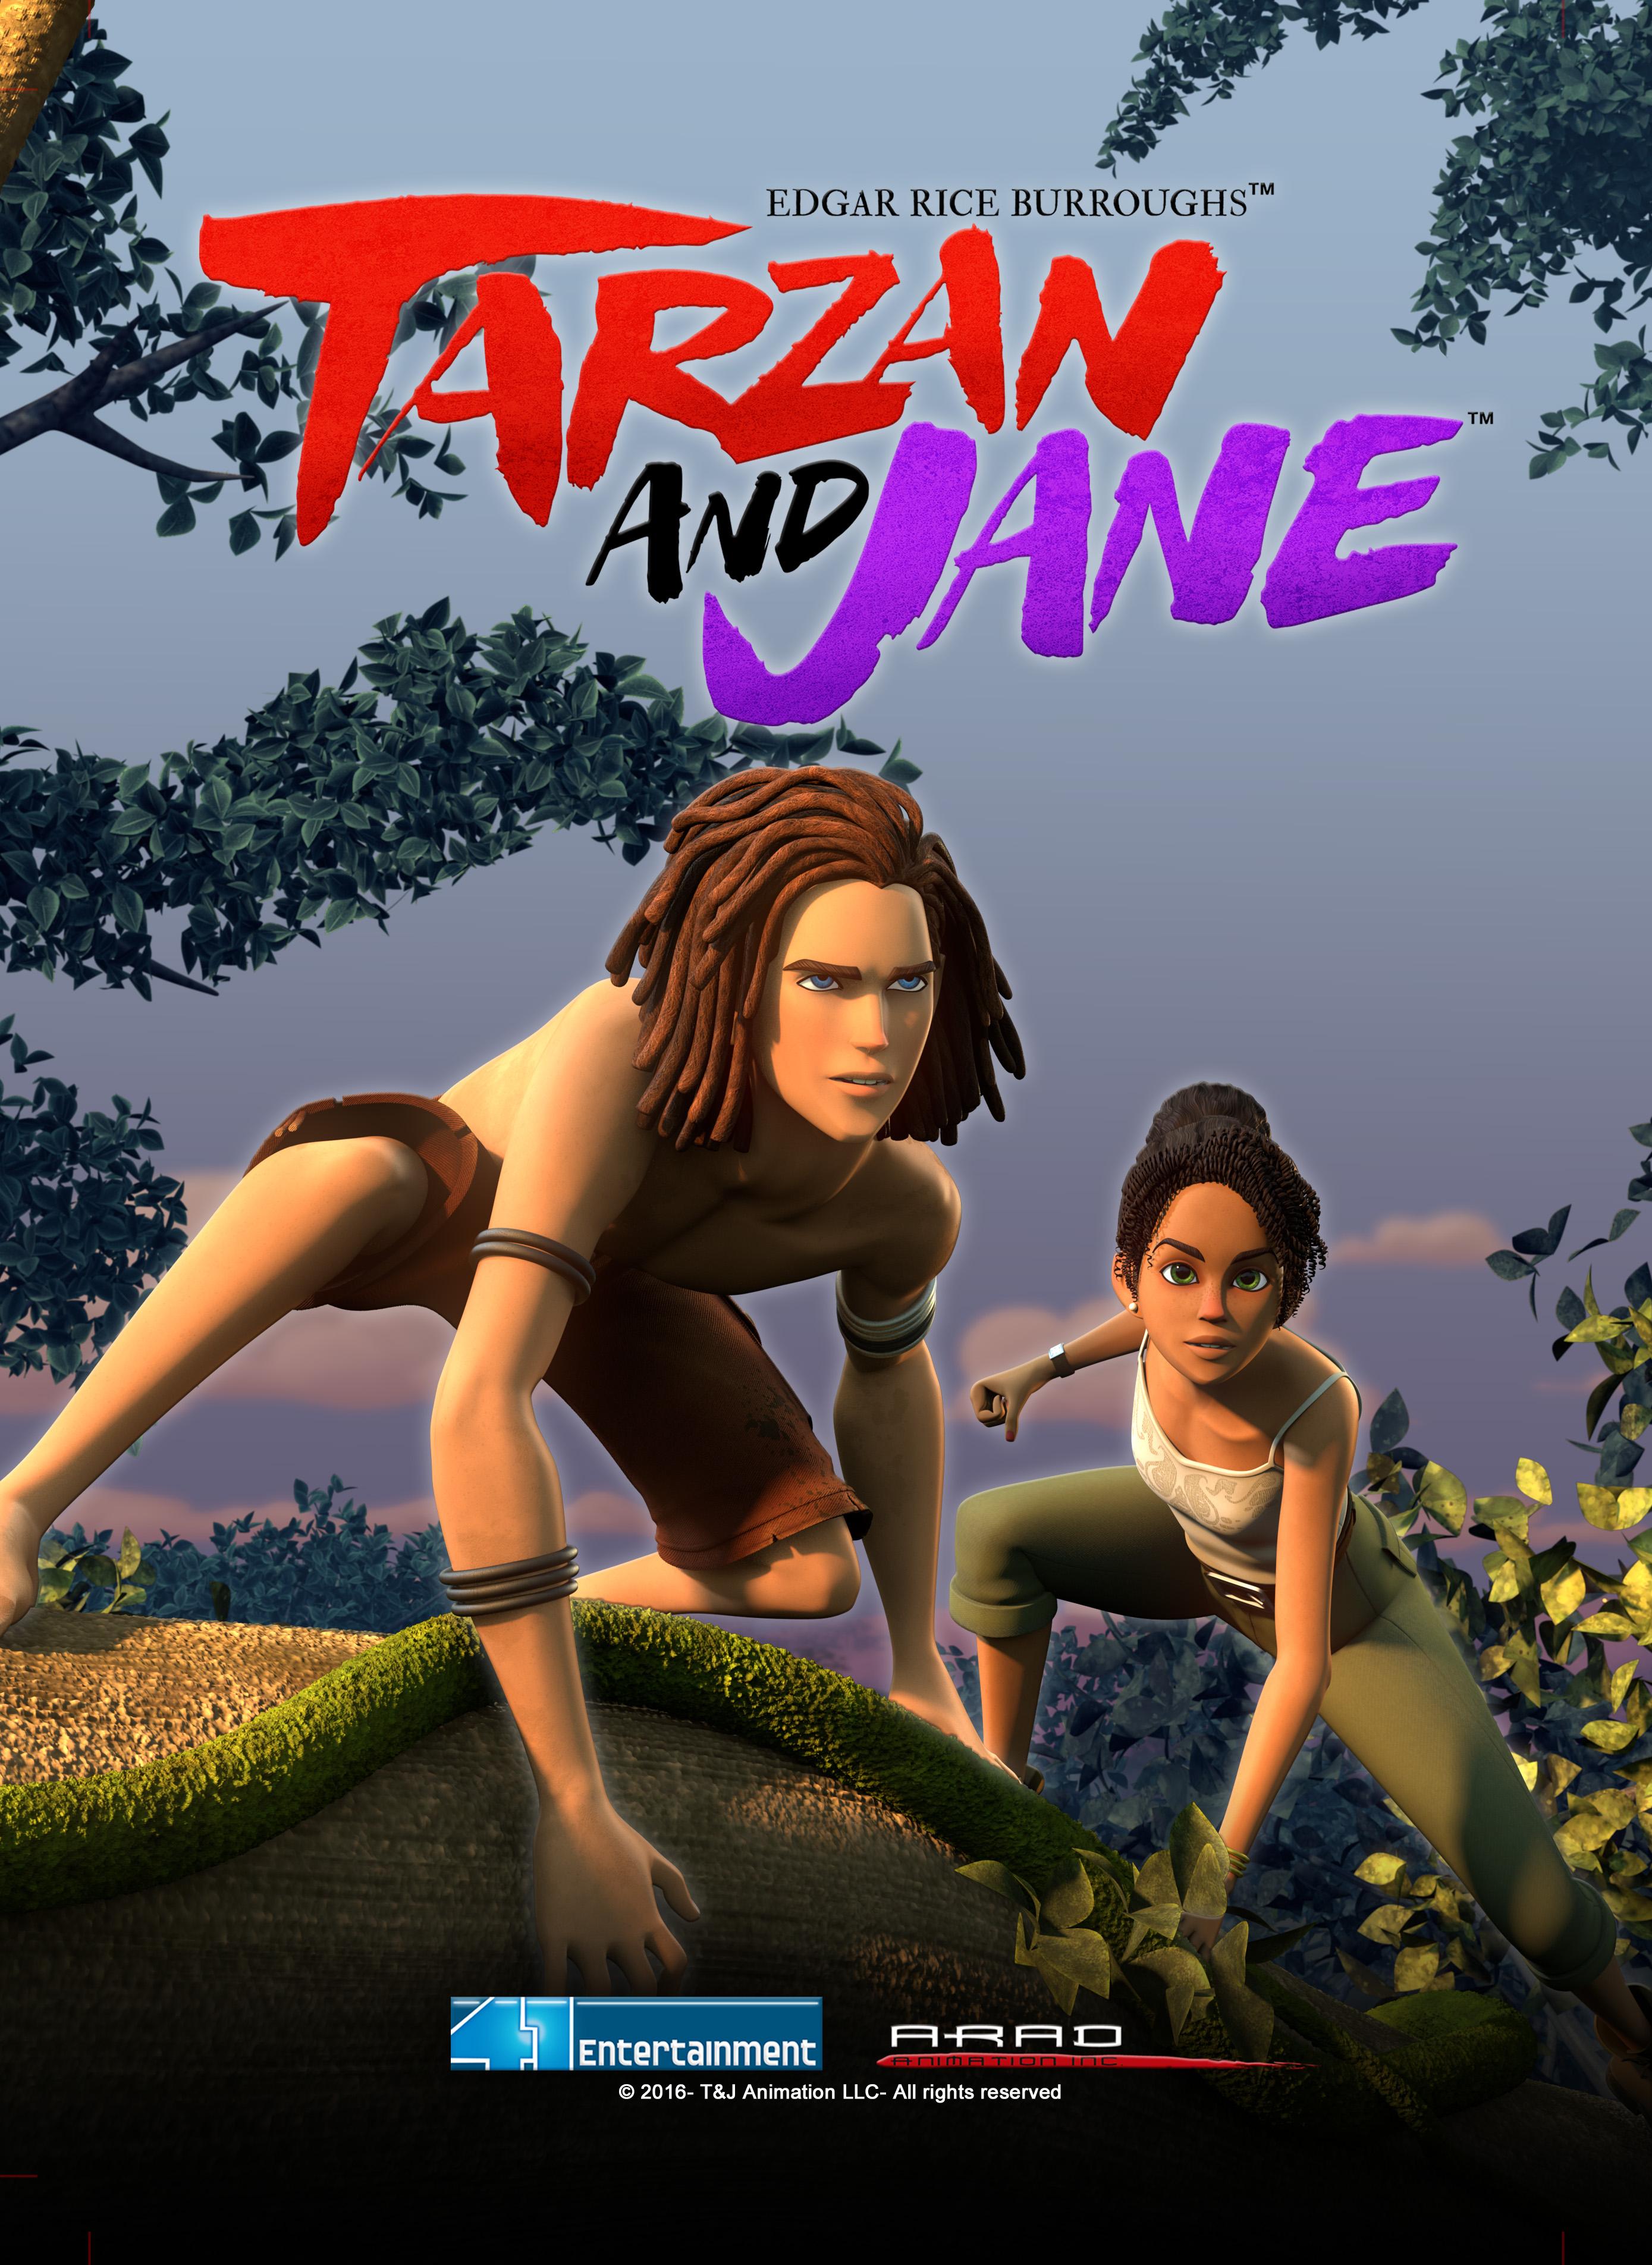 ტარზანი და ჯეინი